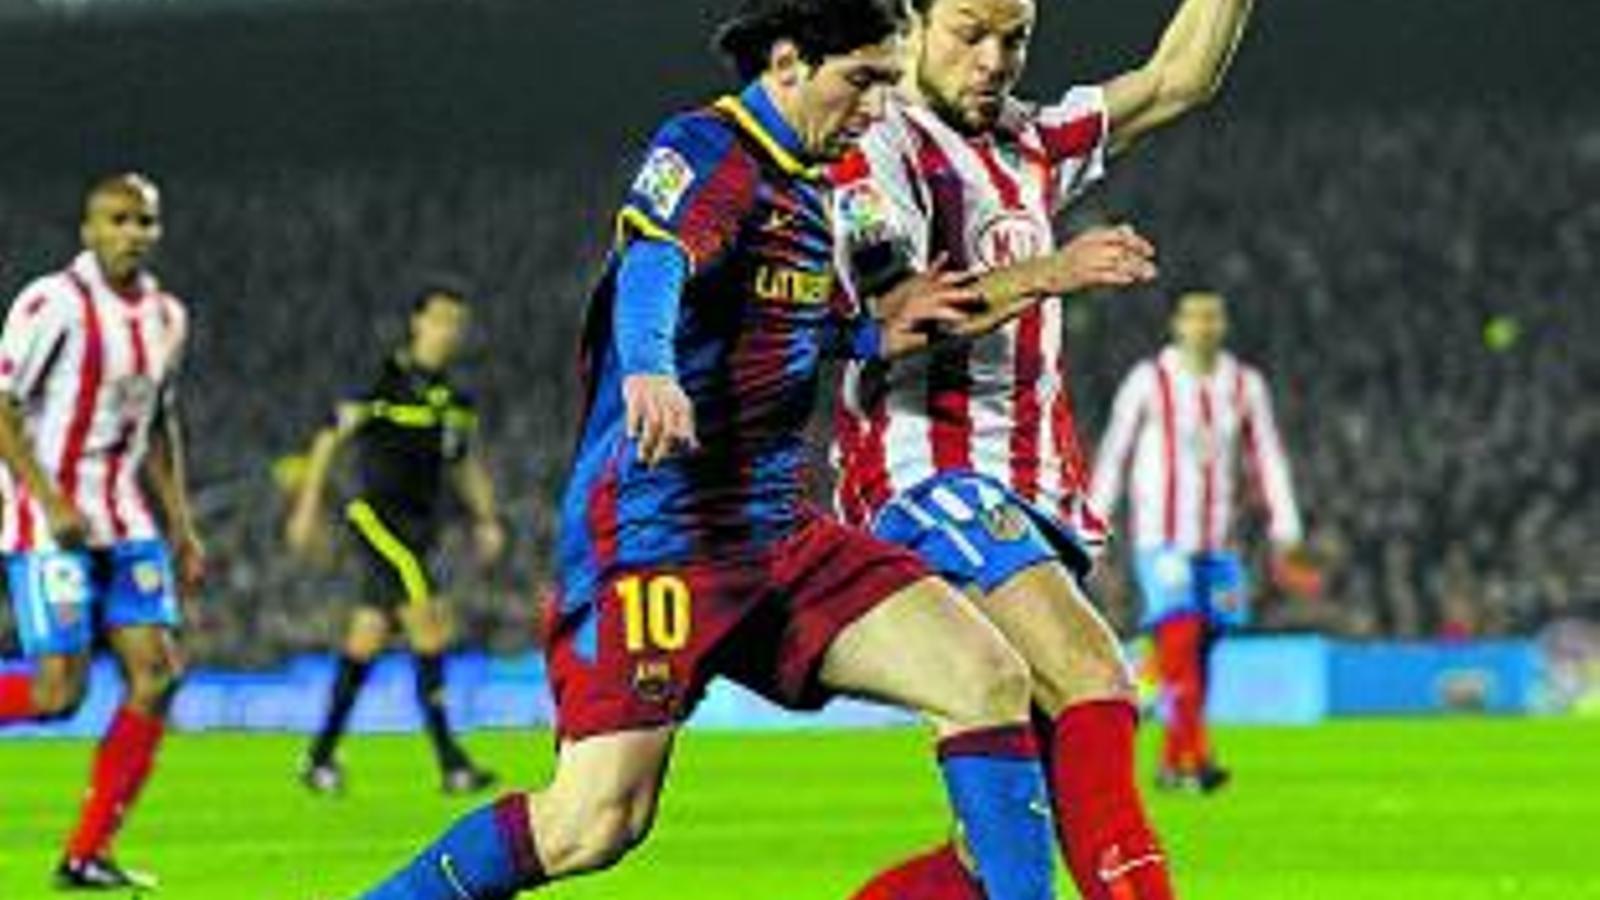 Leo Messi ahir va marcar tres gols: ja en suma 24 a la Lliga i 40 en total. / DAVID RAMOS / GETTY IMAGES